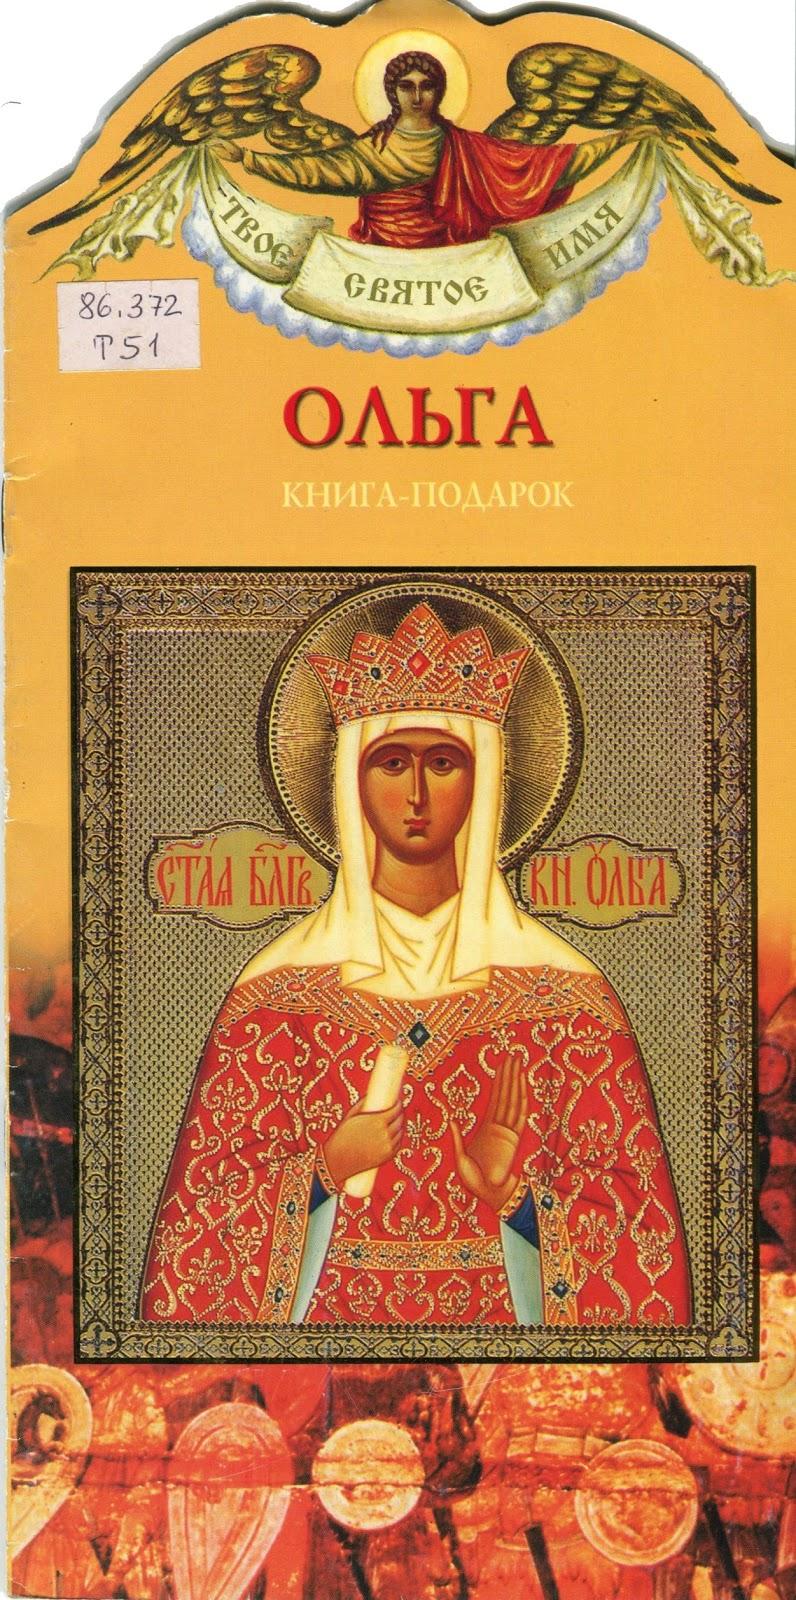 Ольга именин поздравление